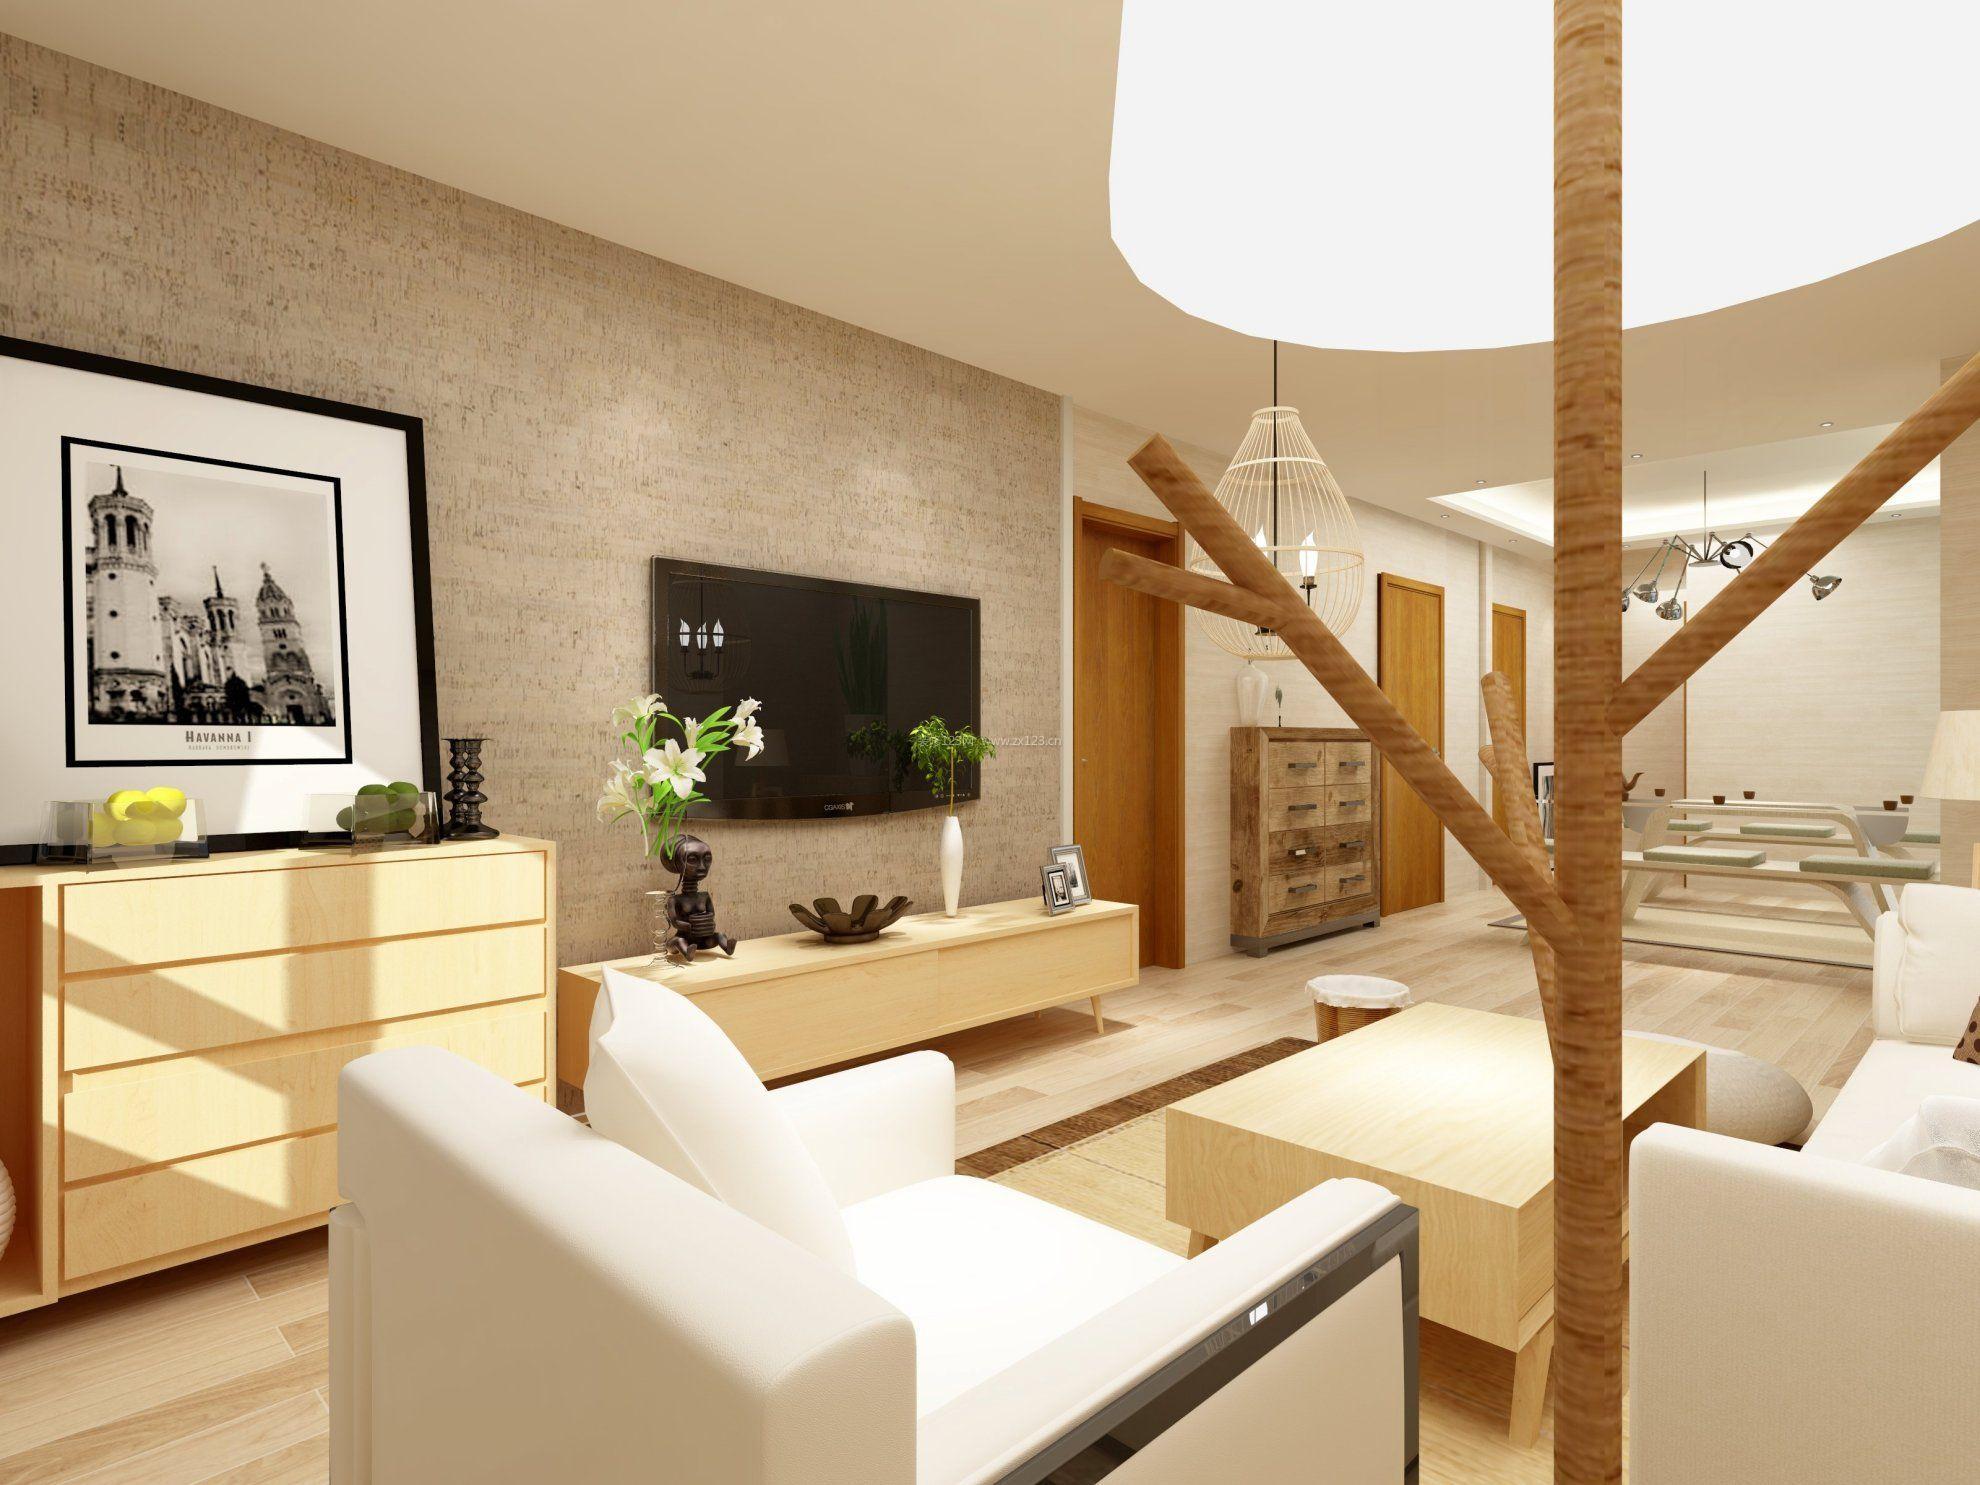 日本风格装修室内客厅电视墙效果图